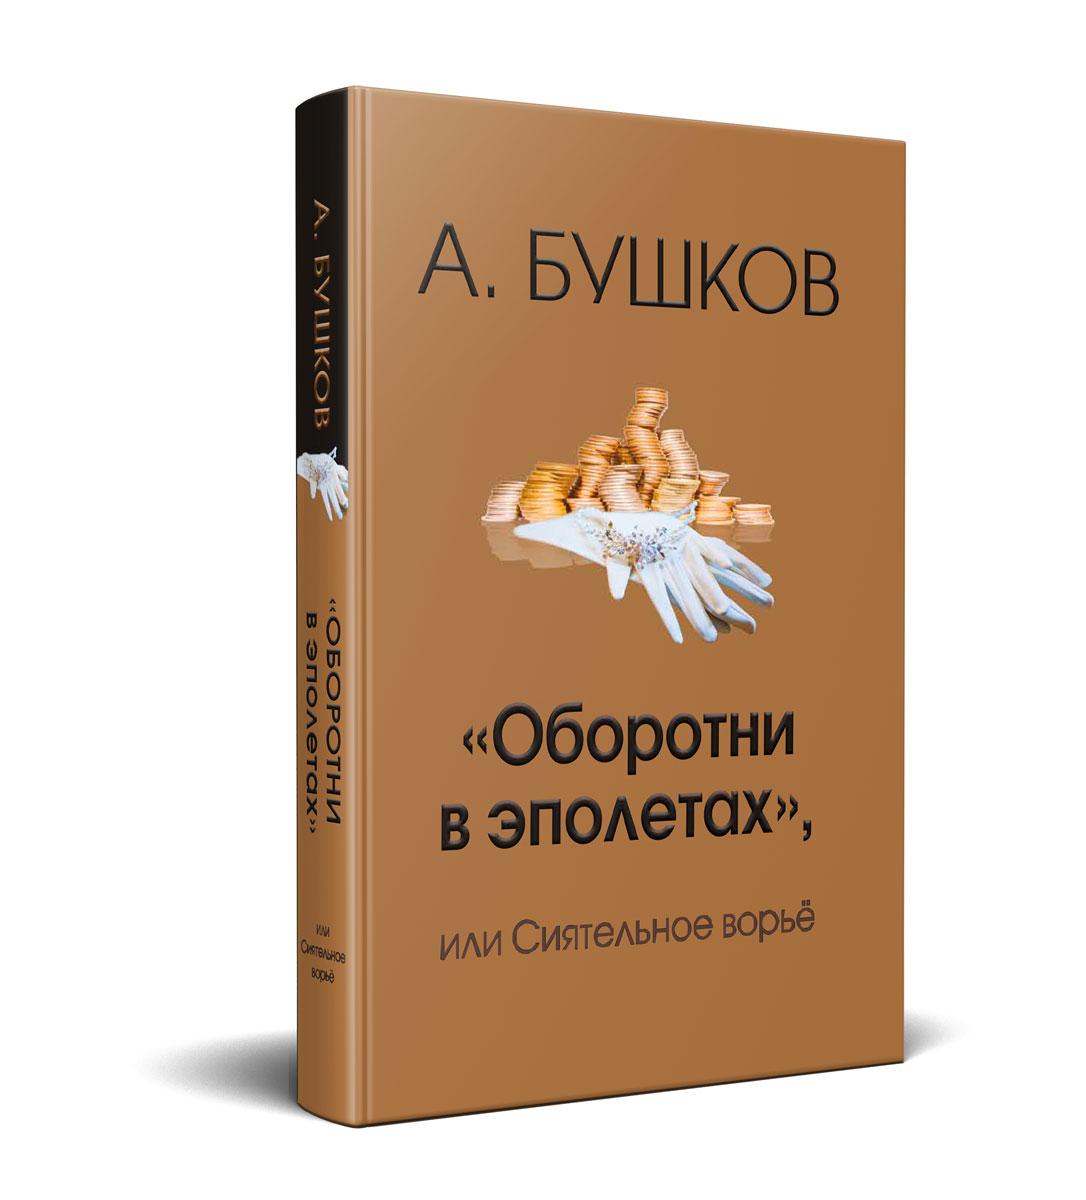 А. Бушков Оборотни в эполетах, или Сиятельное ворье